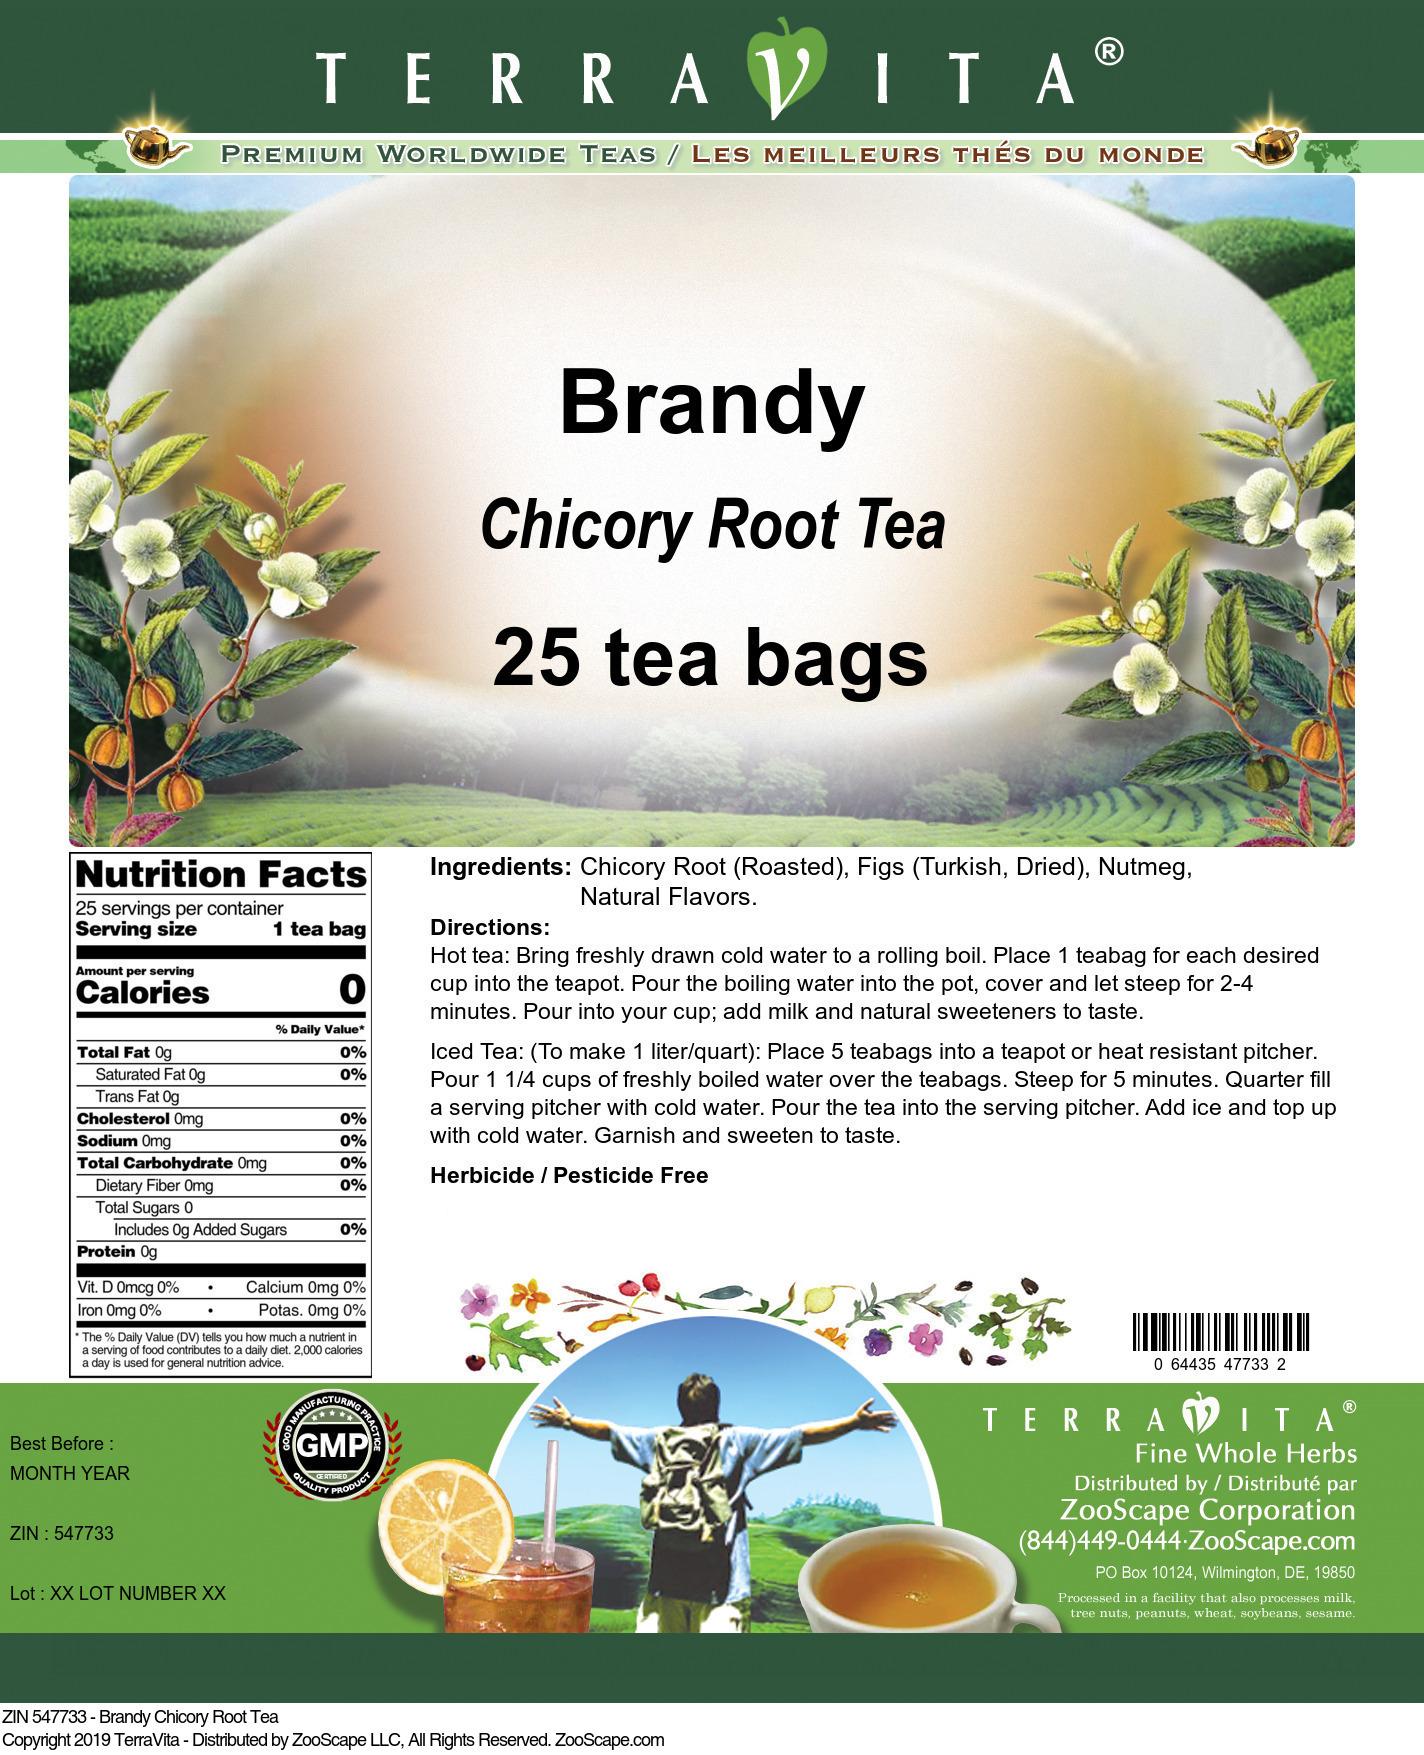 Brandy Chicory Root